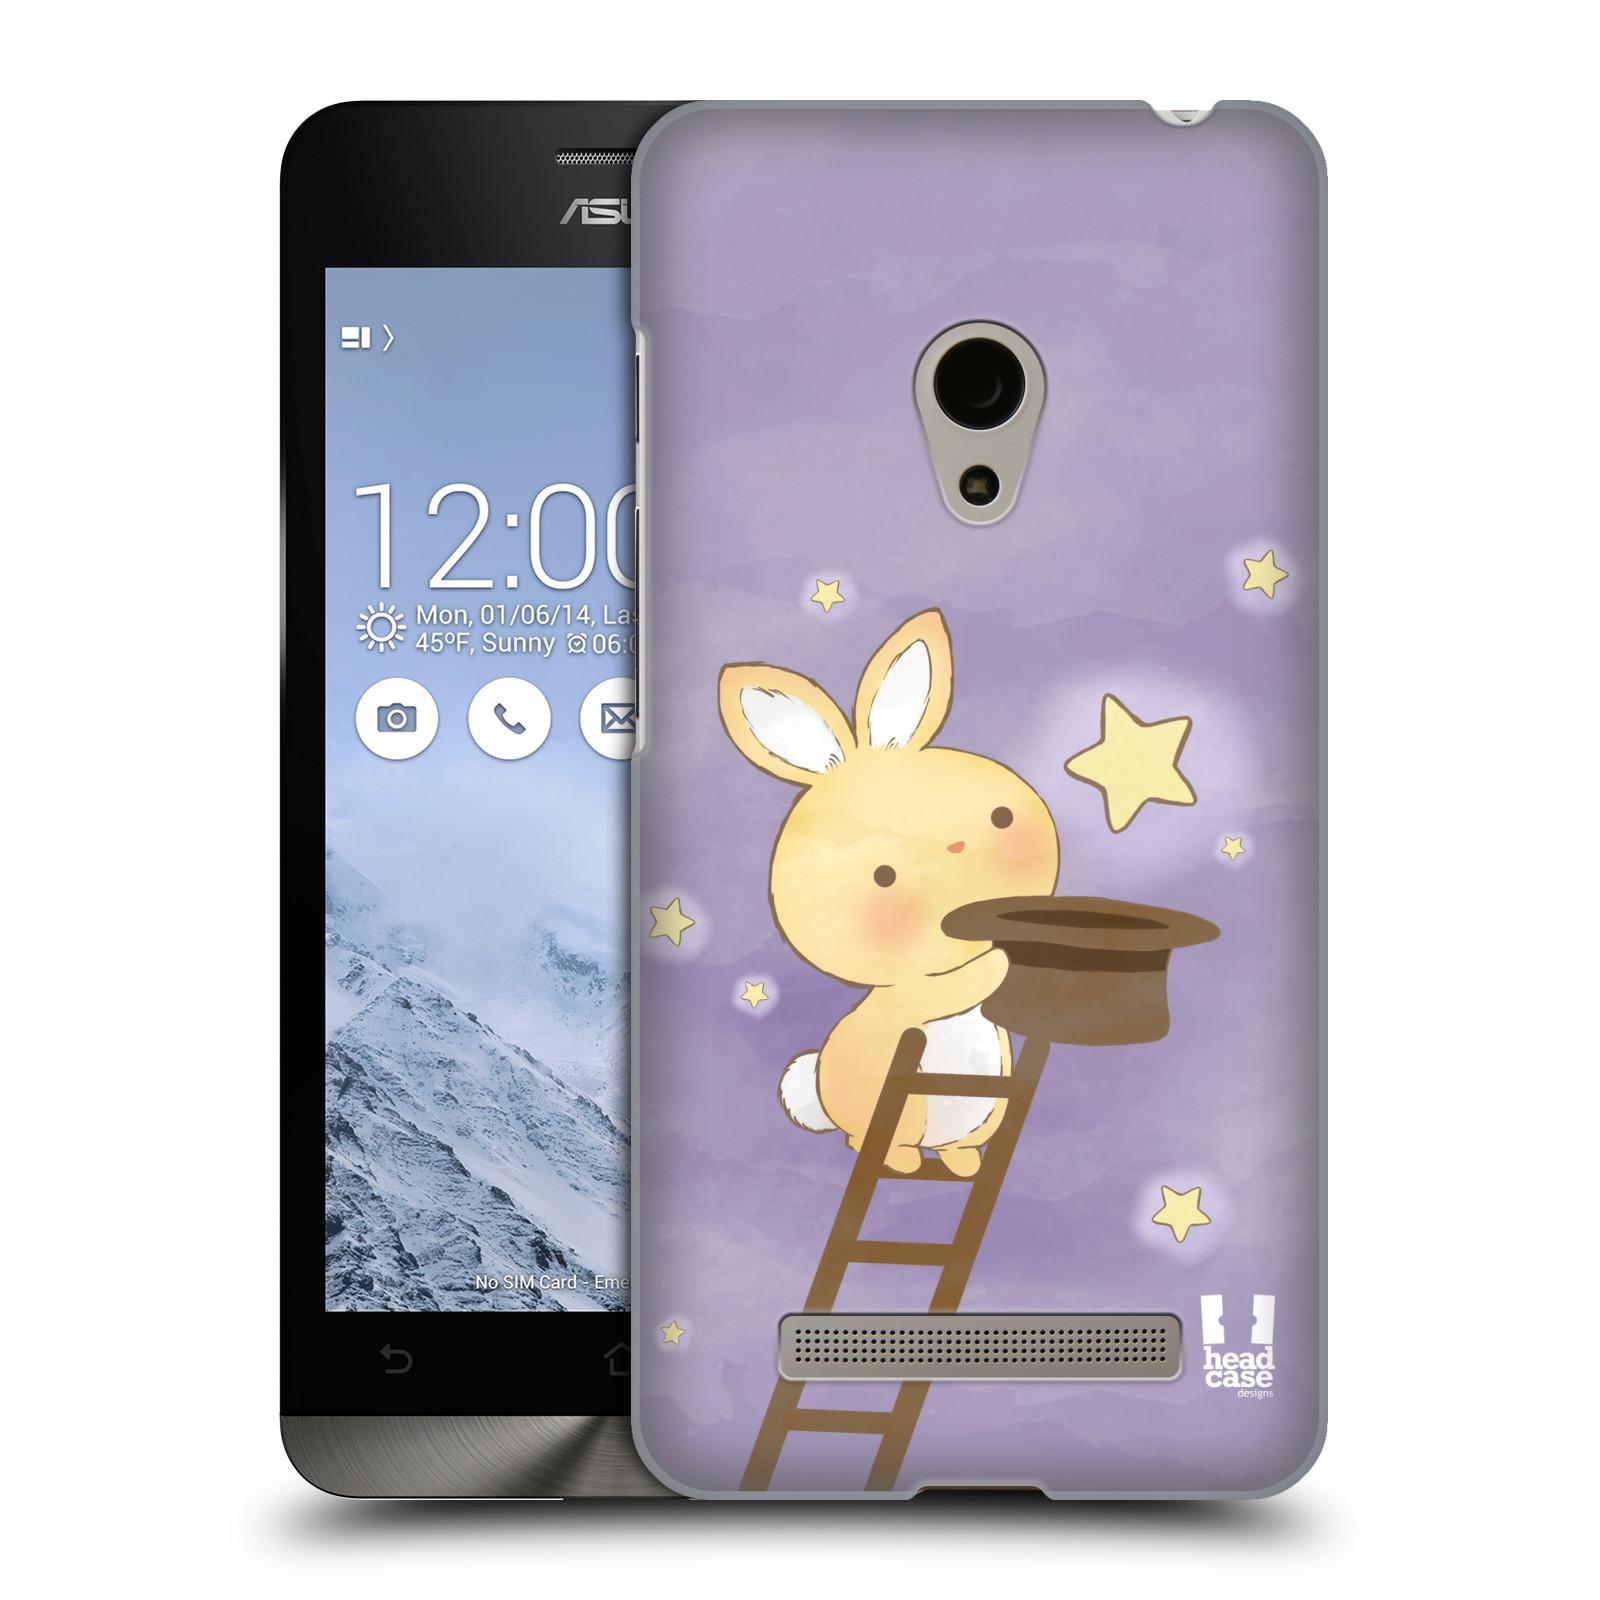 HEAD CASE plastový obal na mobil Asus Zenfone 5 vzor králíček a hvězdy fialová